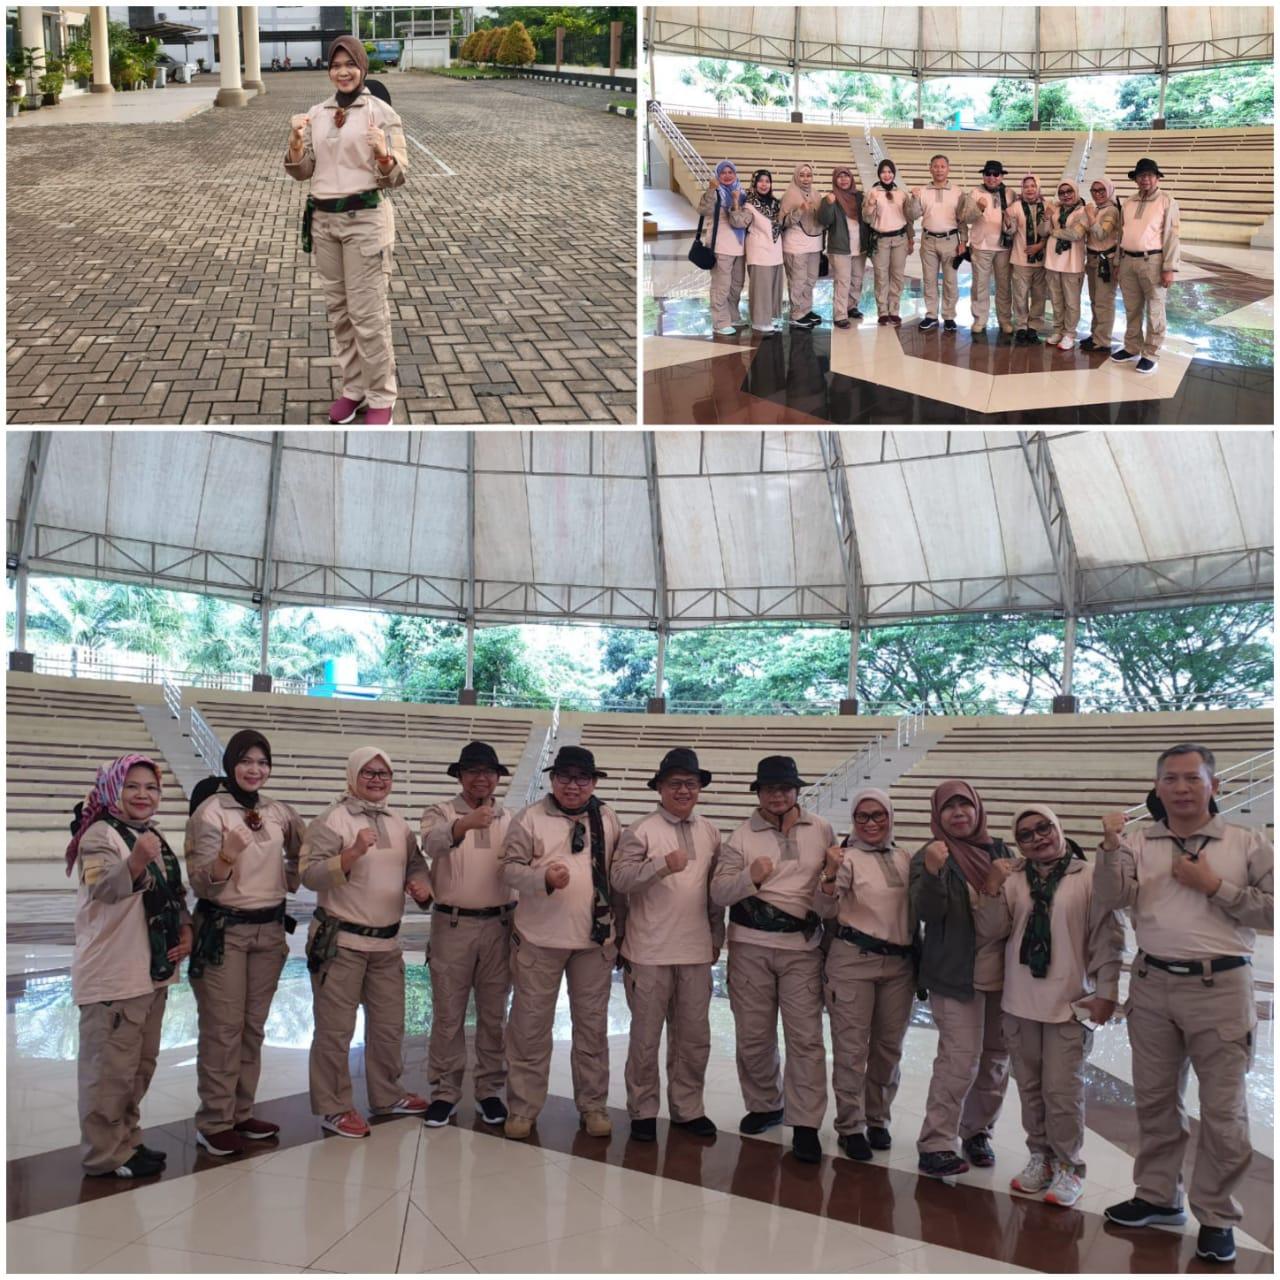 Pemantapan Nilai Kebangsaan dan Soliditas Aparatur Pemerintahan Eselon 2 dan 3 Provinsi Banten yang Berkarakter di Grup 1 Kopassus